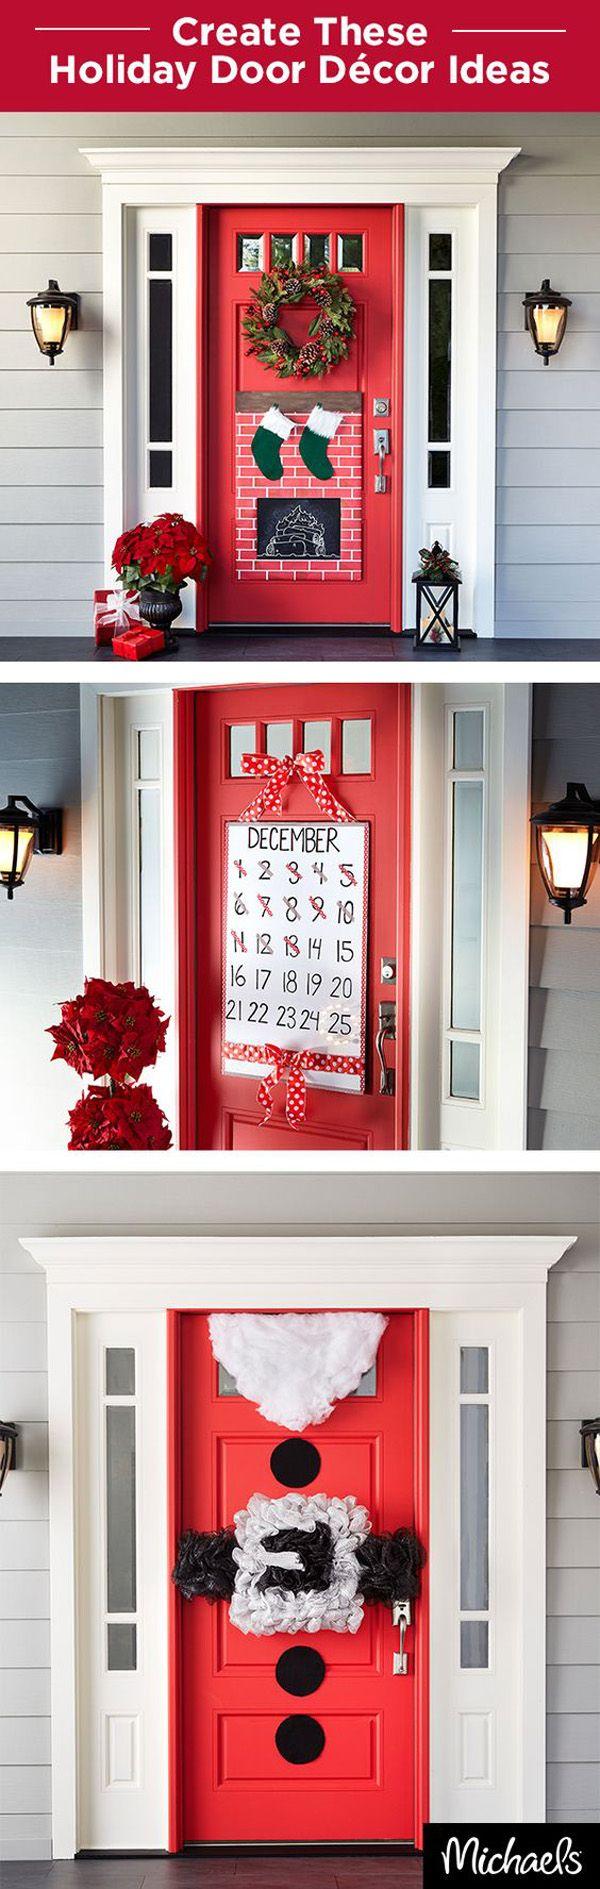 Decoracion de navidad para puertas chimenea papa noel for Decoracion de puertas para navidad